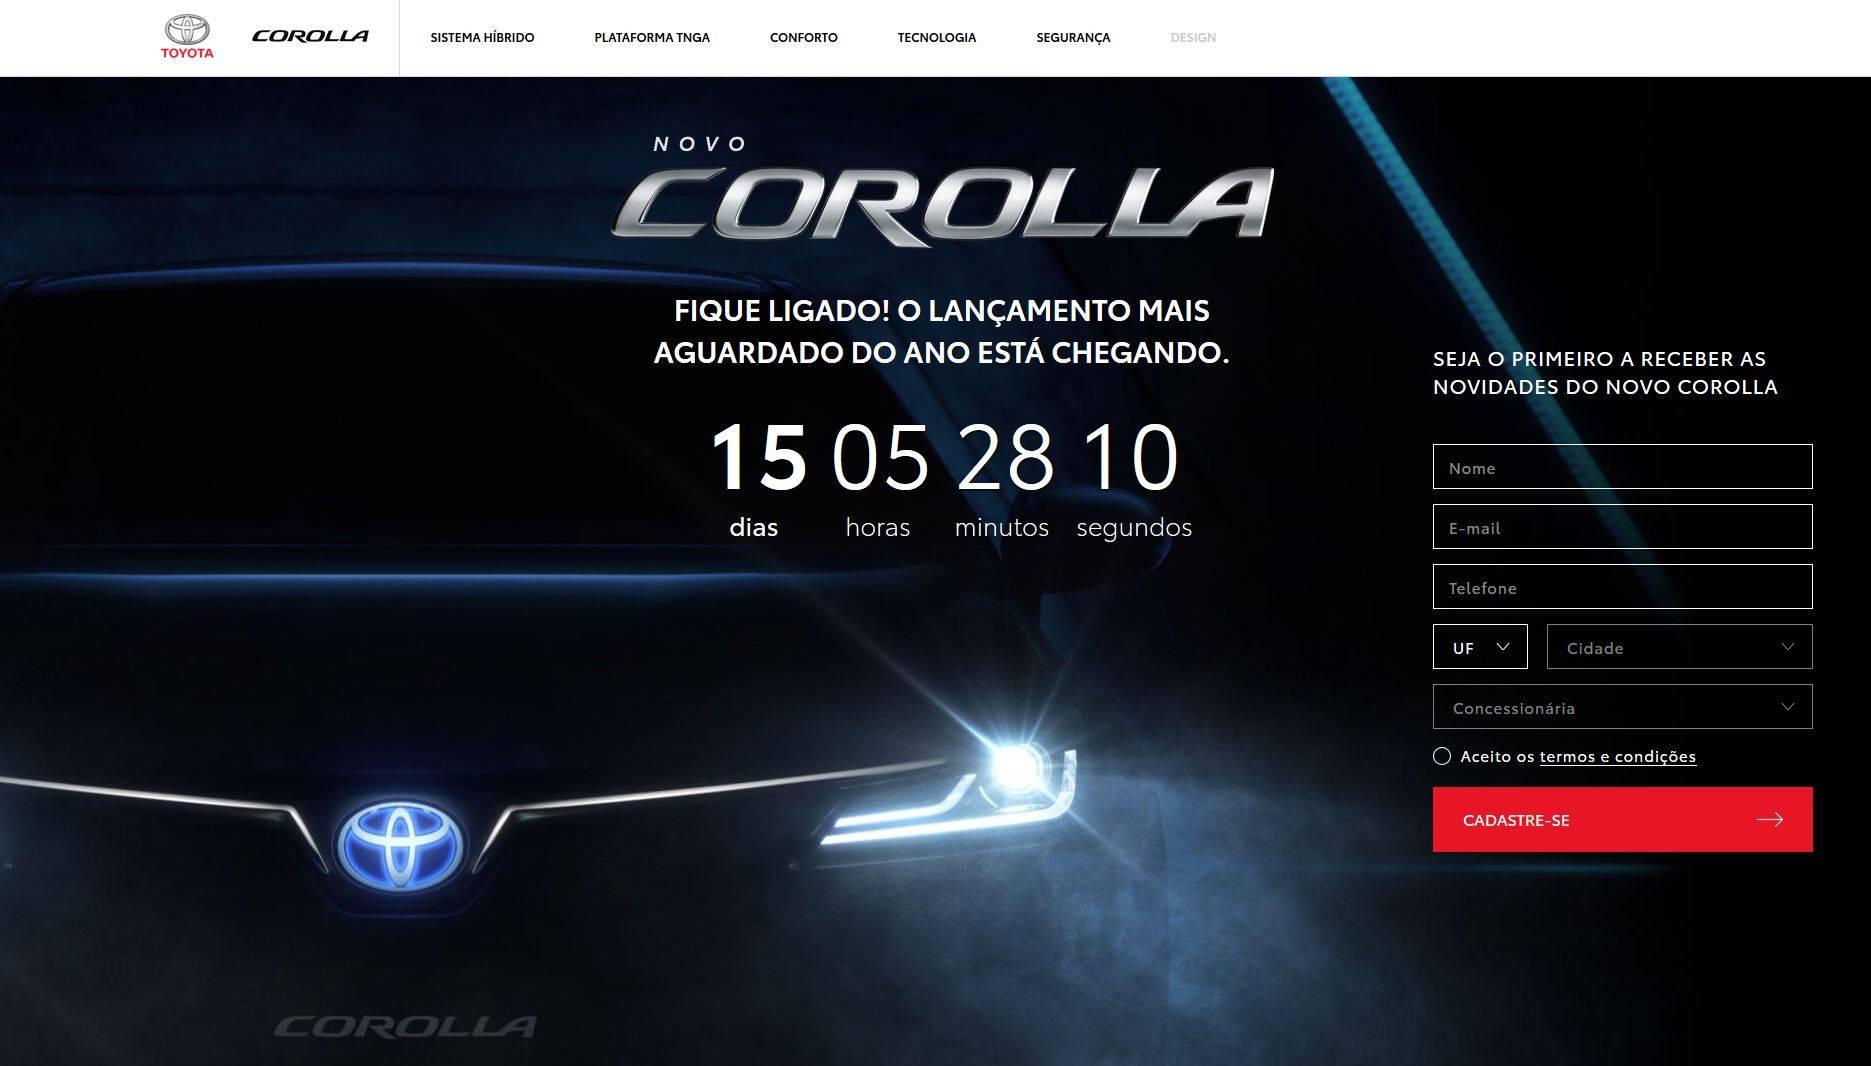 Hotsite do novo Corolla está em contagem regressiva. Foto: Reprodução/ Site Toyota